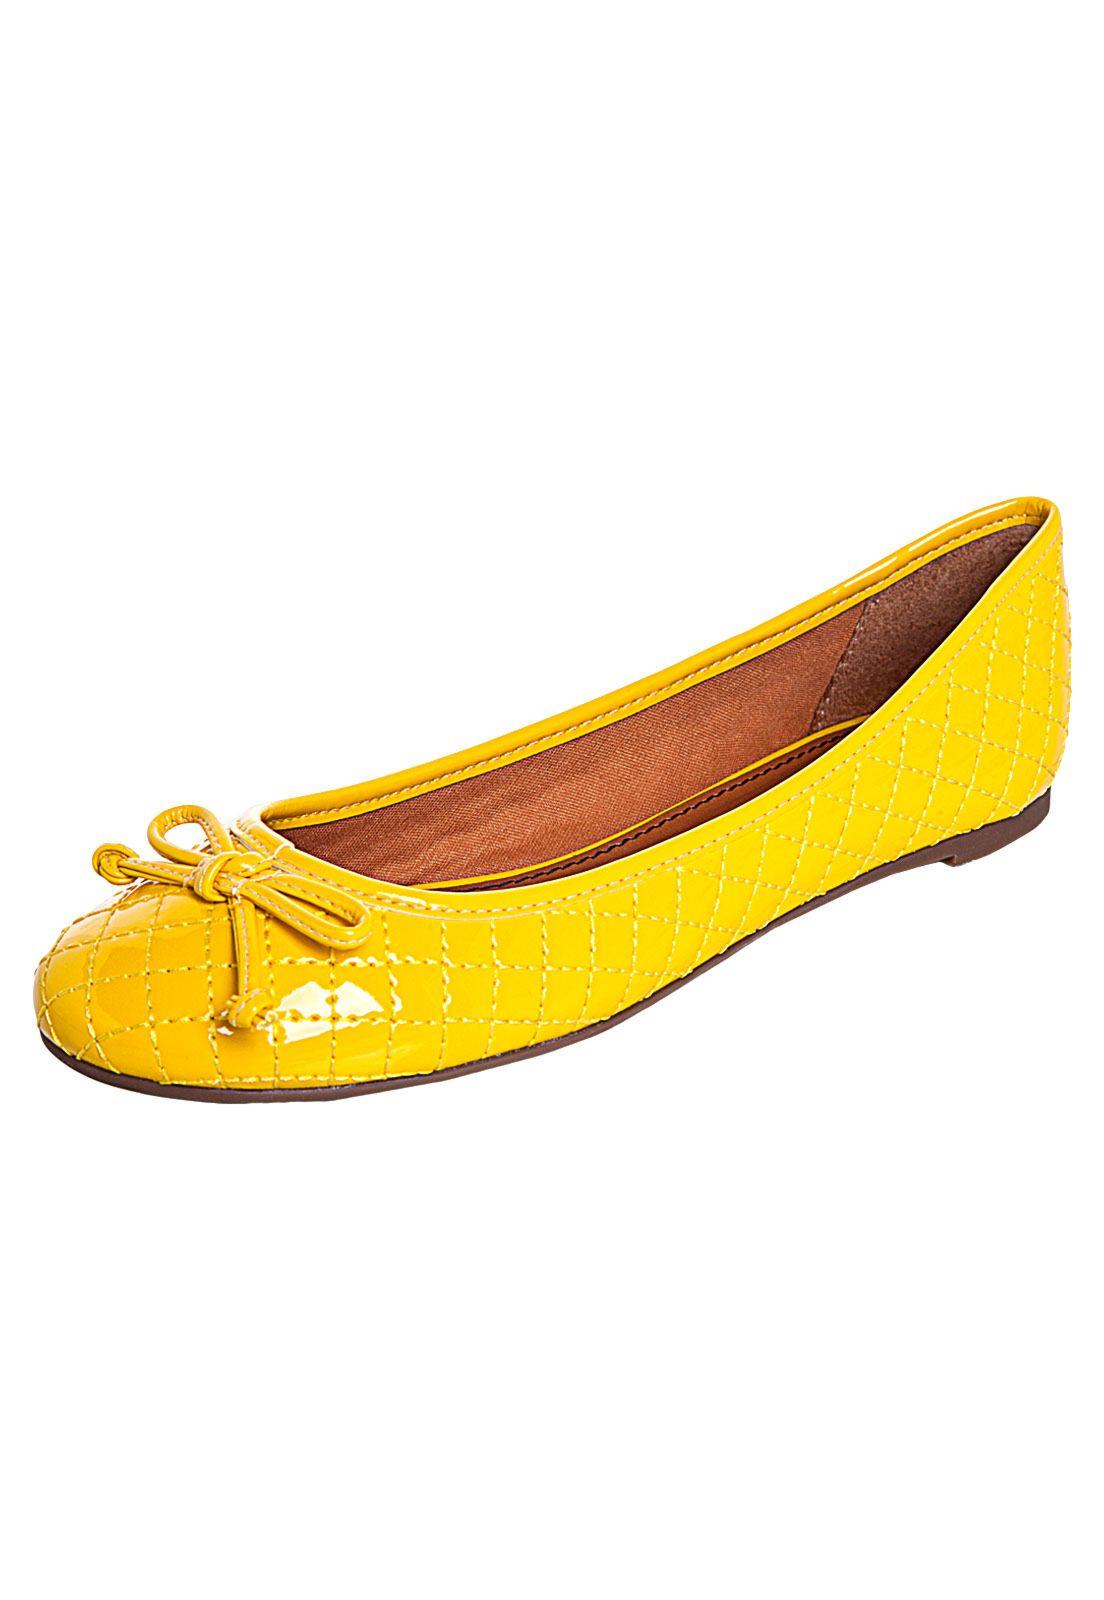 93836635672 Sapatilha Santa Lolla Color Amarela - Compre Agora